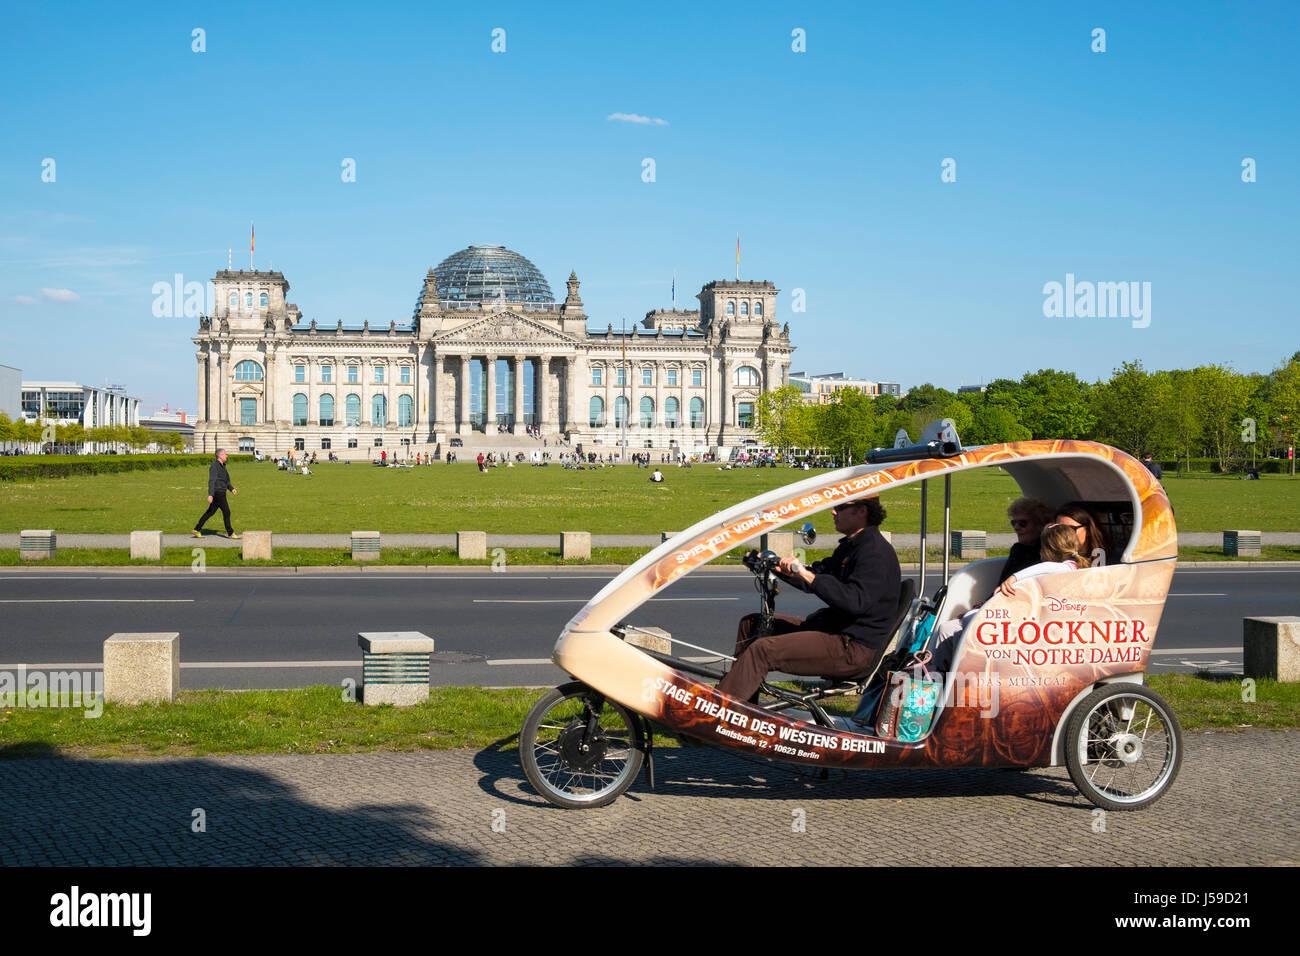 Touristische Sehenswürdigkeiten Rikscha vor dem Reichstag in Berlin, Deutschland Stockbild